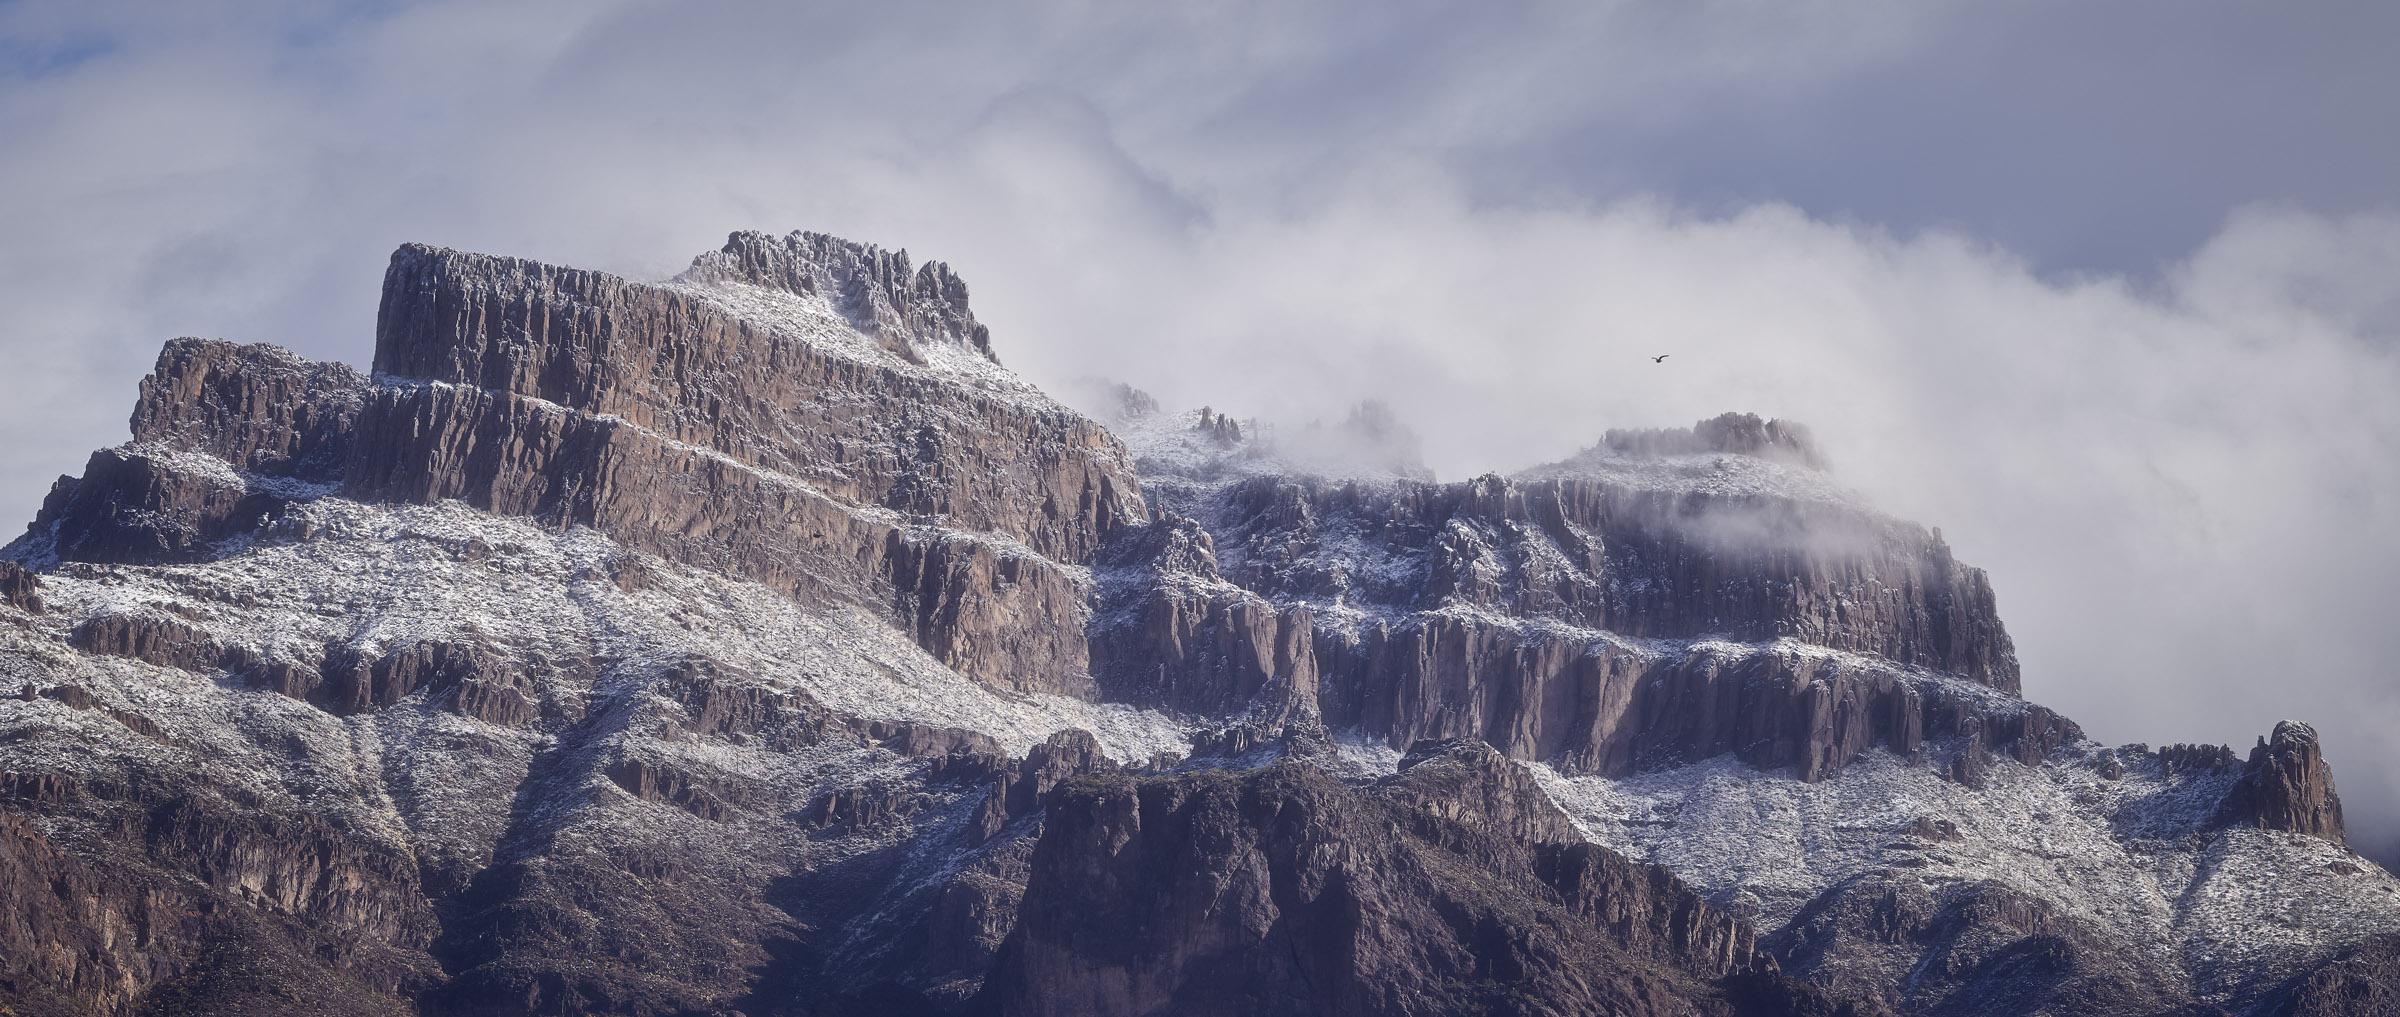 arizona landscape photography, Superstition Mountains photos, arizona photographer